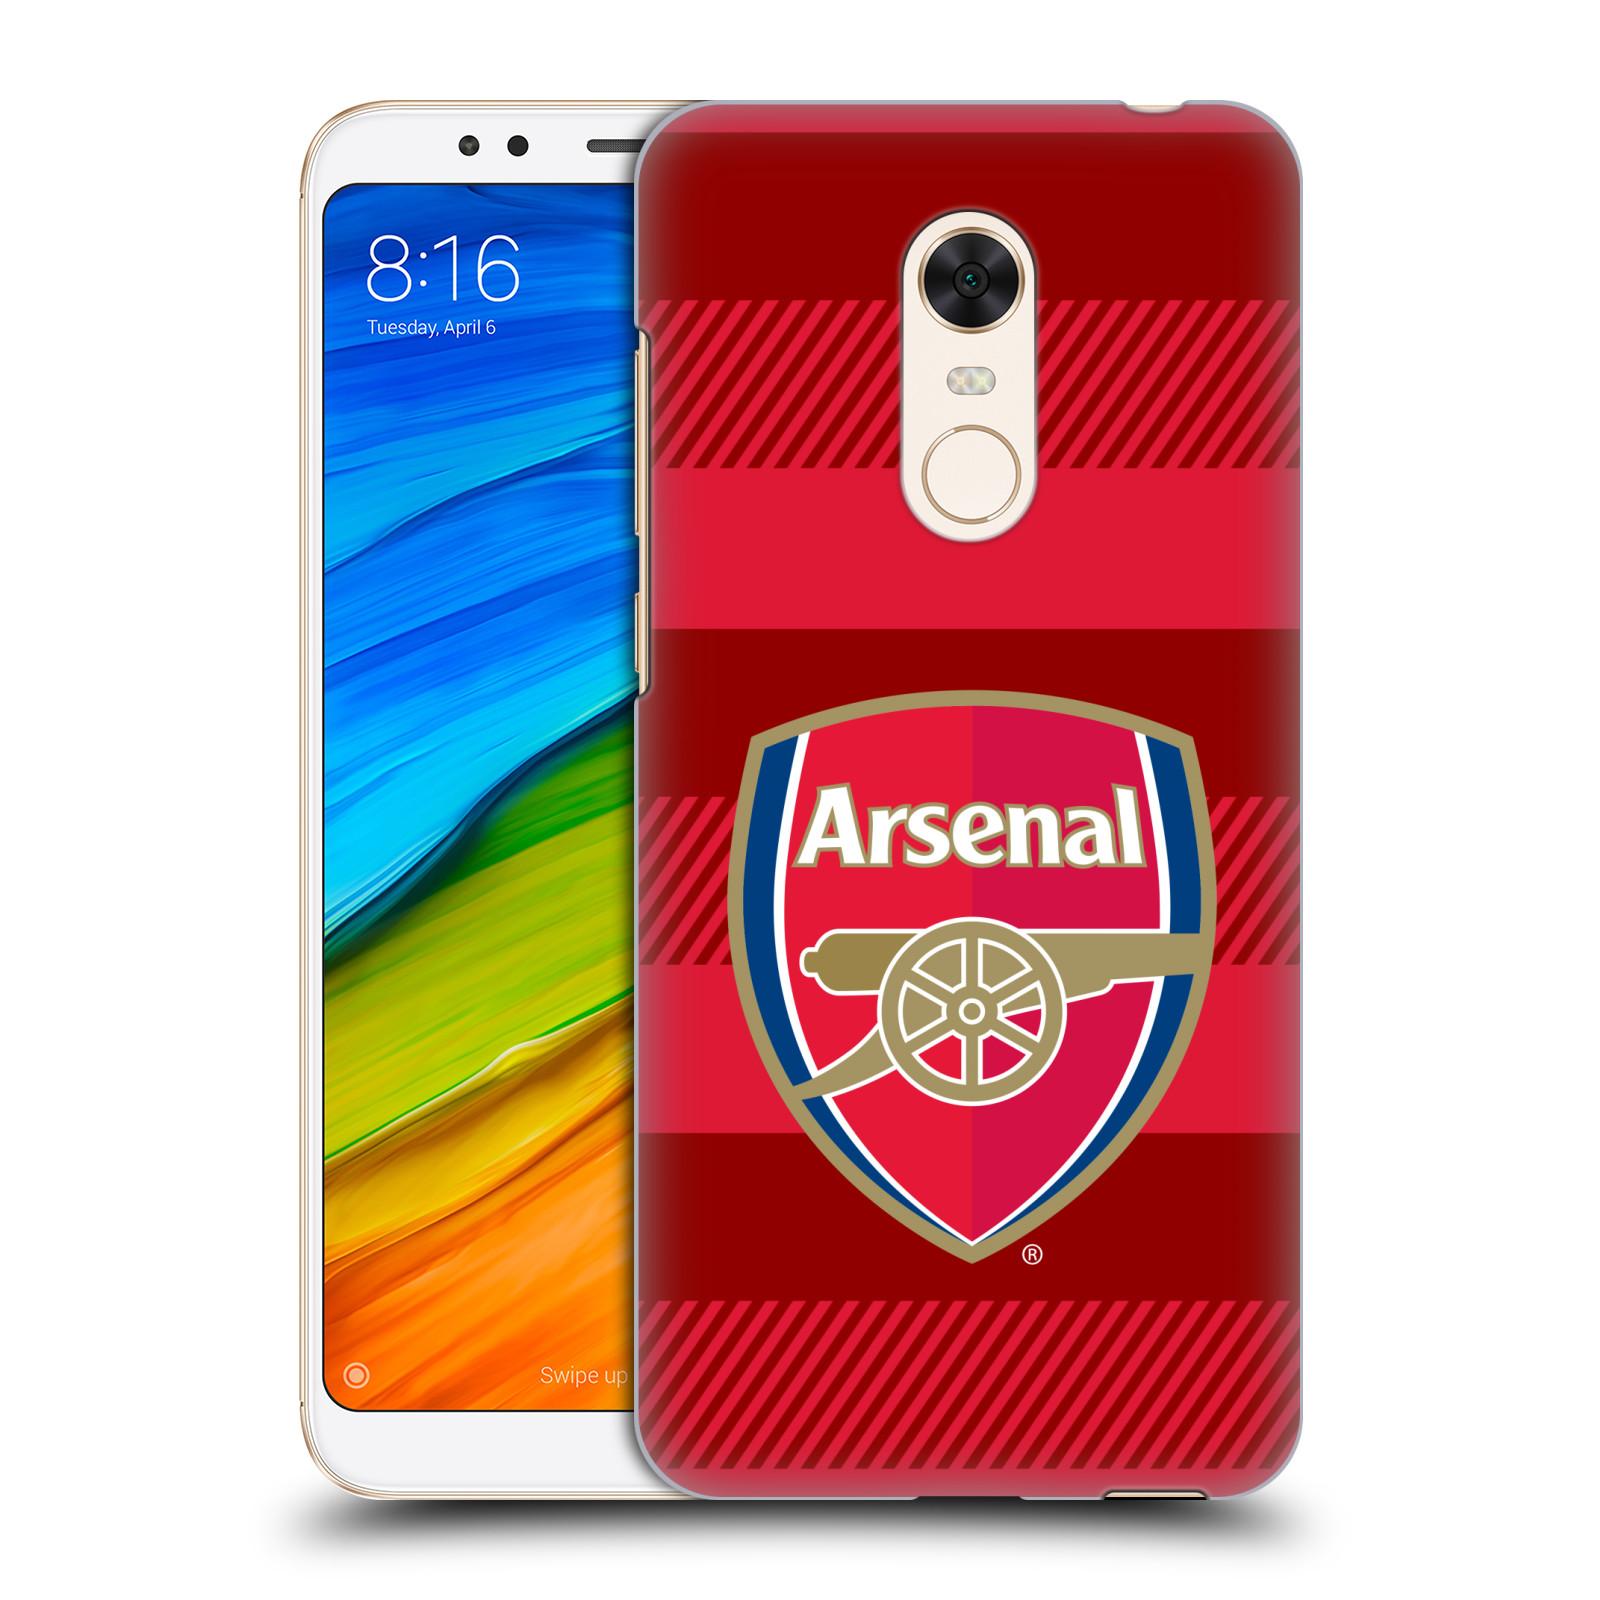 Plastové pouzdro na mobil Xiaomi Redmi 5 Plus - Head Case - Arsenal FC - Logo s pruhy